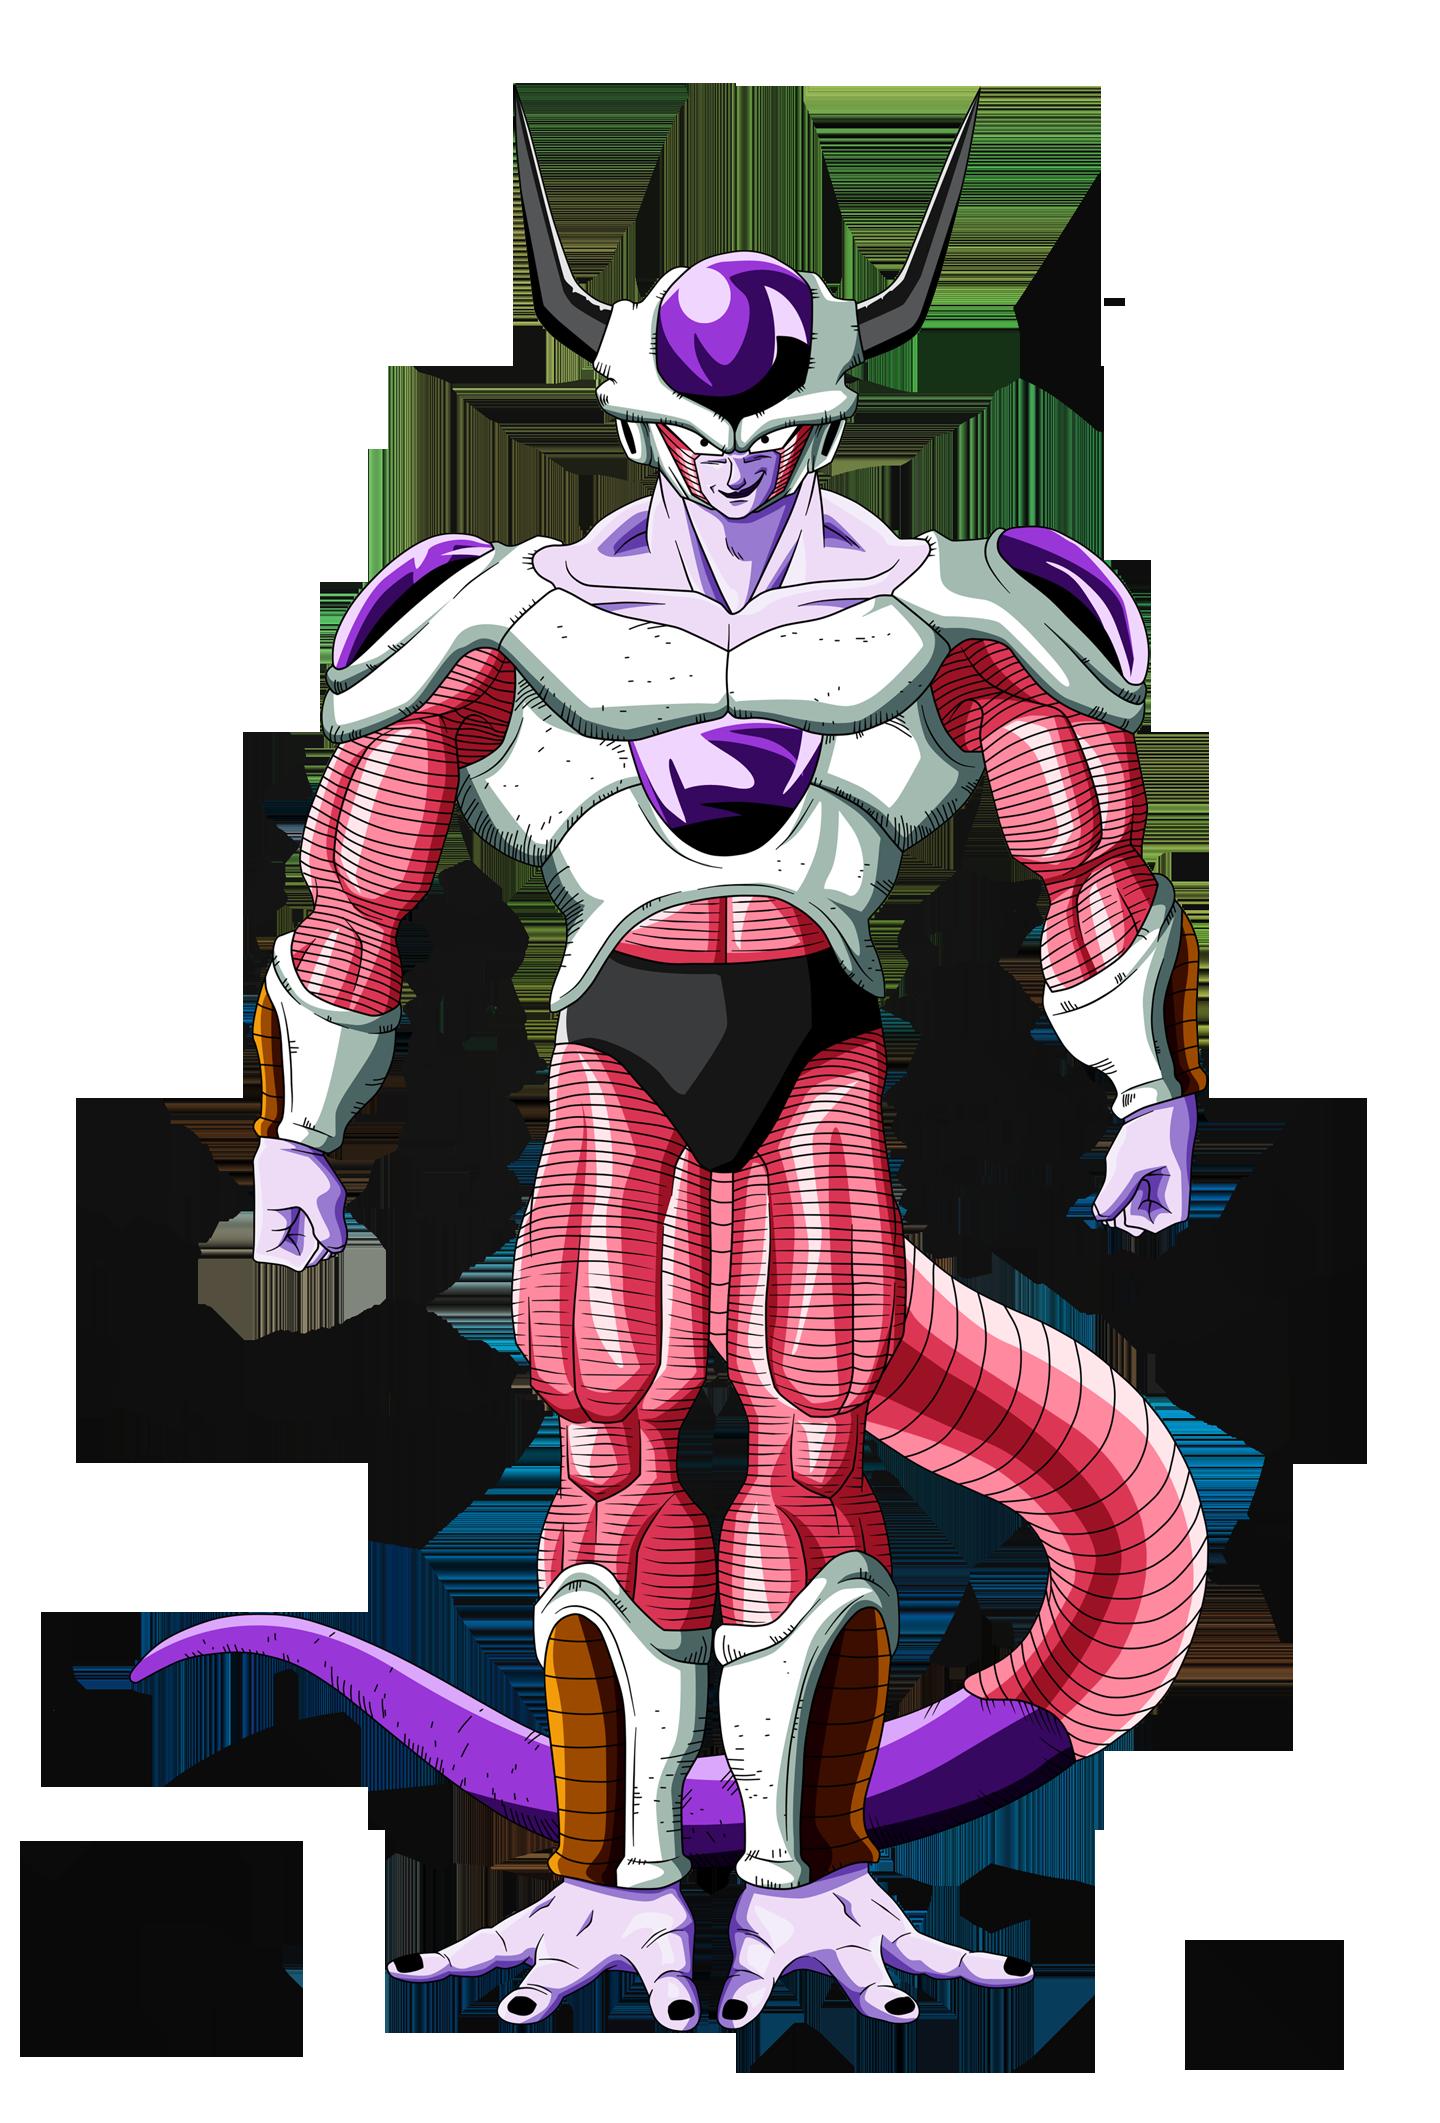 Dragon Ball z Frieza Transformation Frieza 1st Form Dragon Ball z